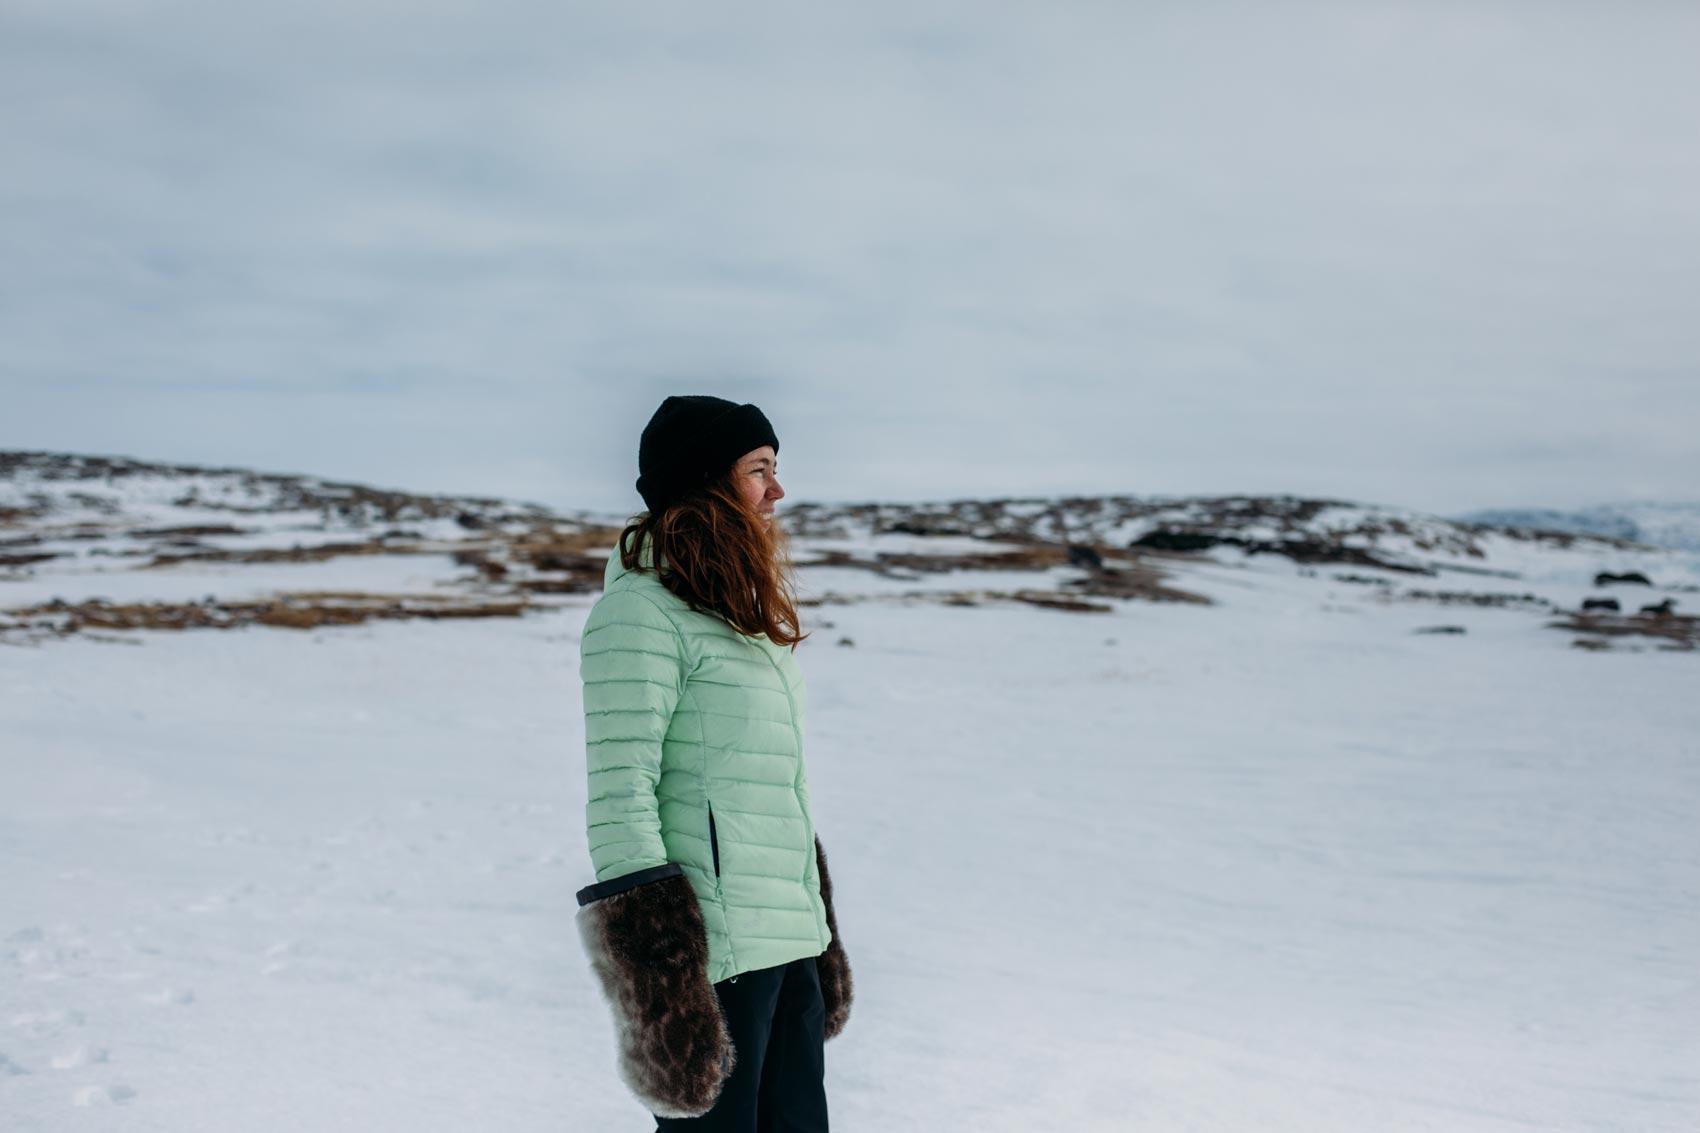 blog pour préparer son voyage dans le grand Nord canadien équipement